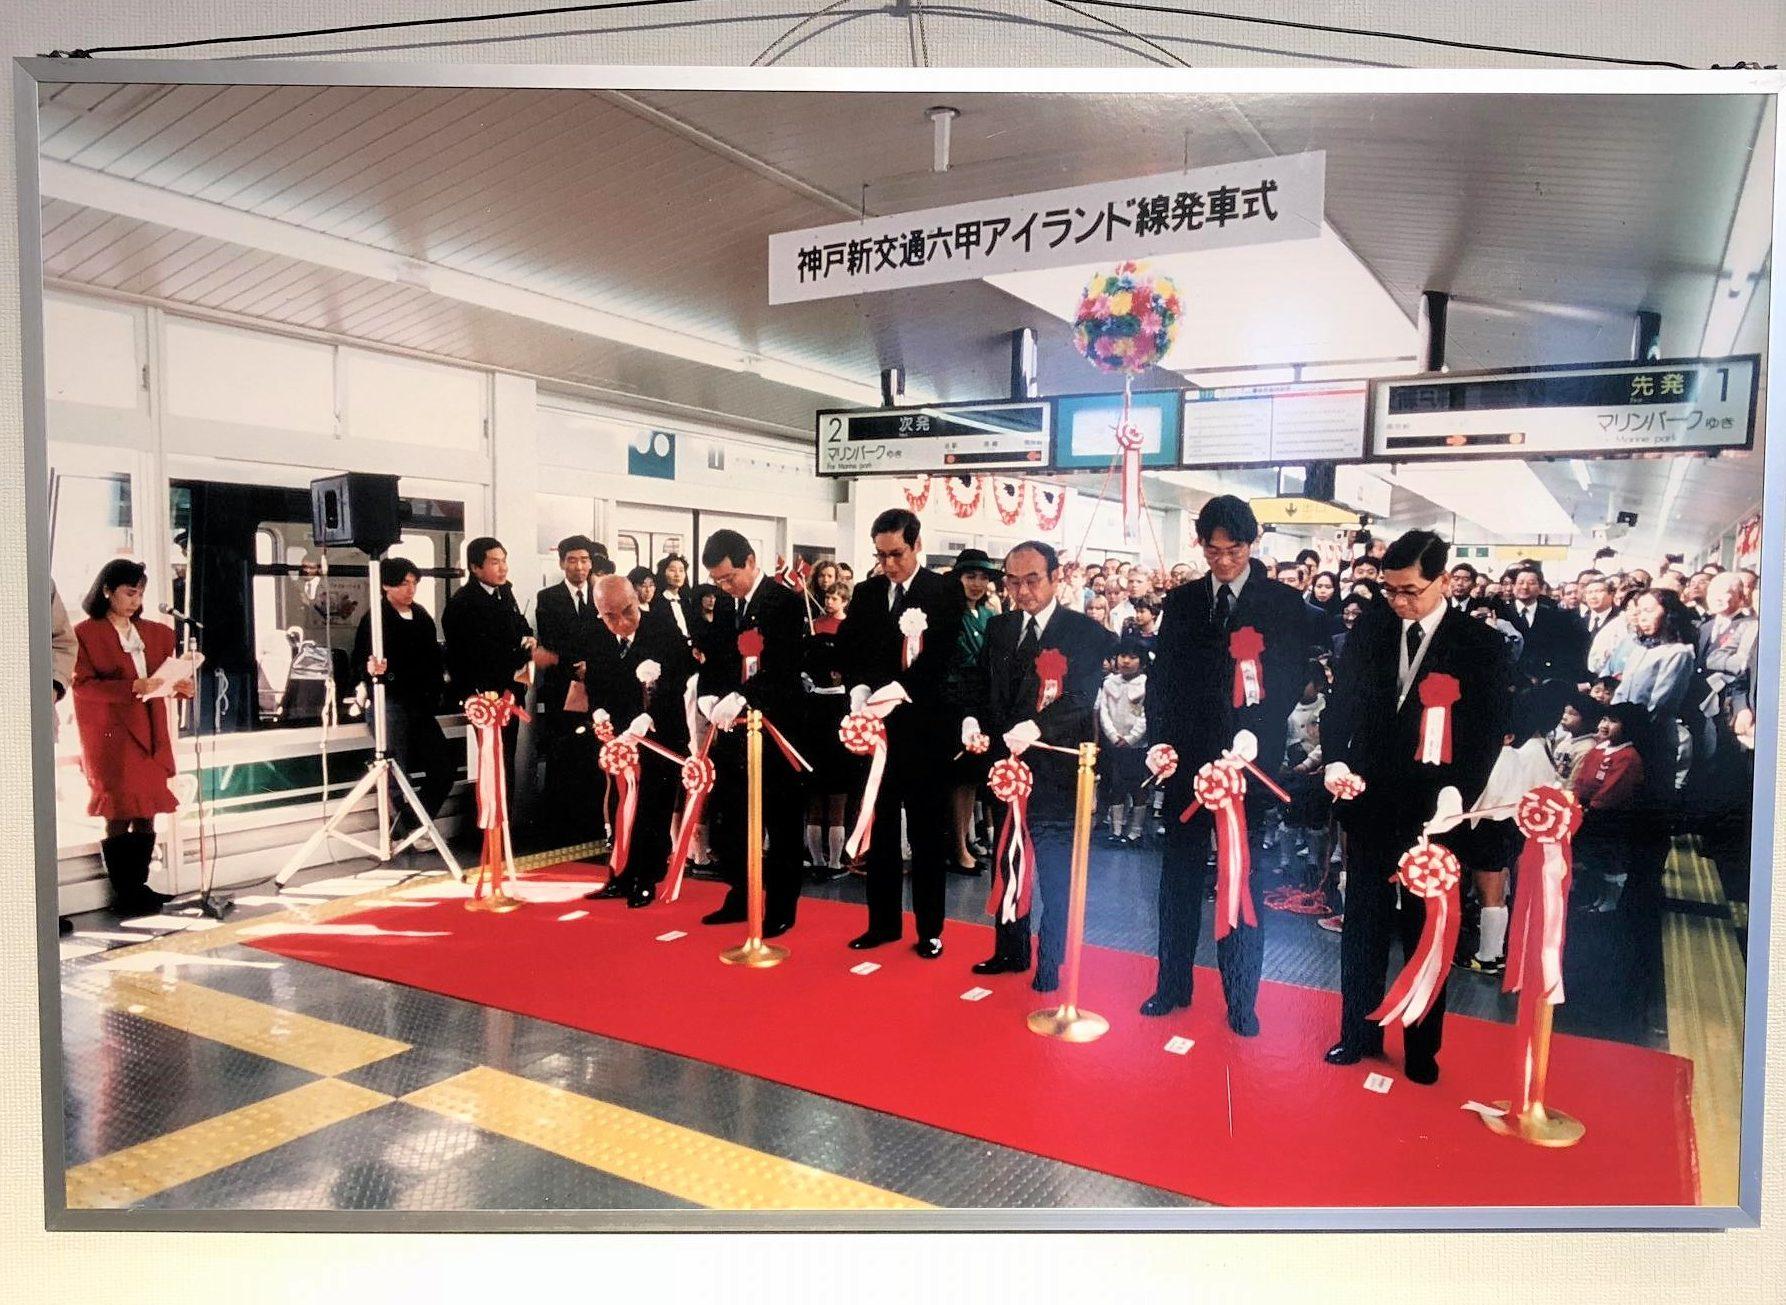 神戸ファッション美術館4Fギャラリーで「わがまち六甲アイランド展」が開催中!なつかしいパネルで歴史を振り返ってみた! #神戸ファッション美術館 #わがまち六甲アイランド展 #六甲アイランド #AOIA #アオイア #六甲ライナー